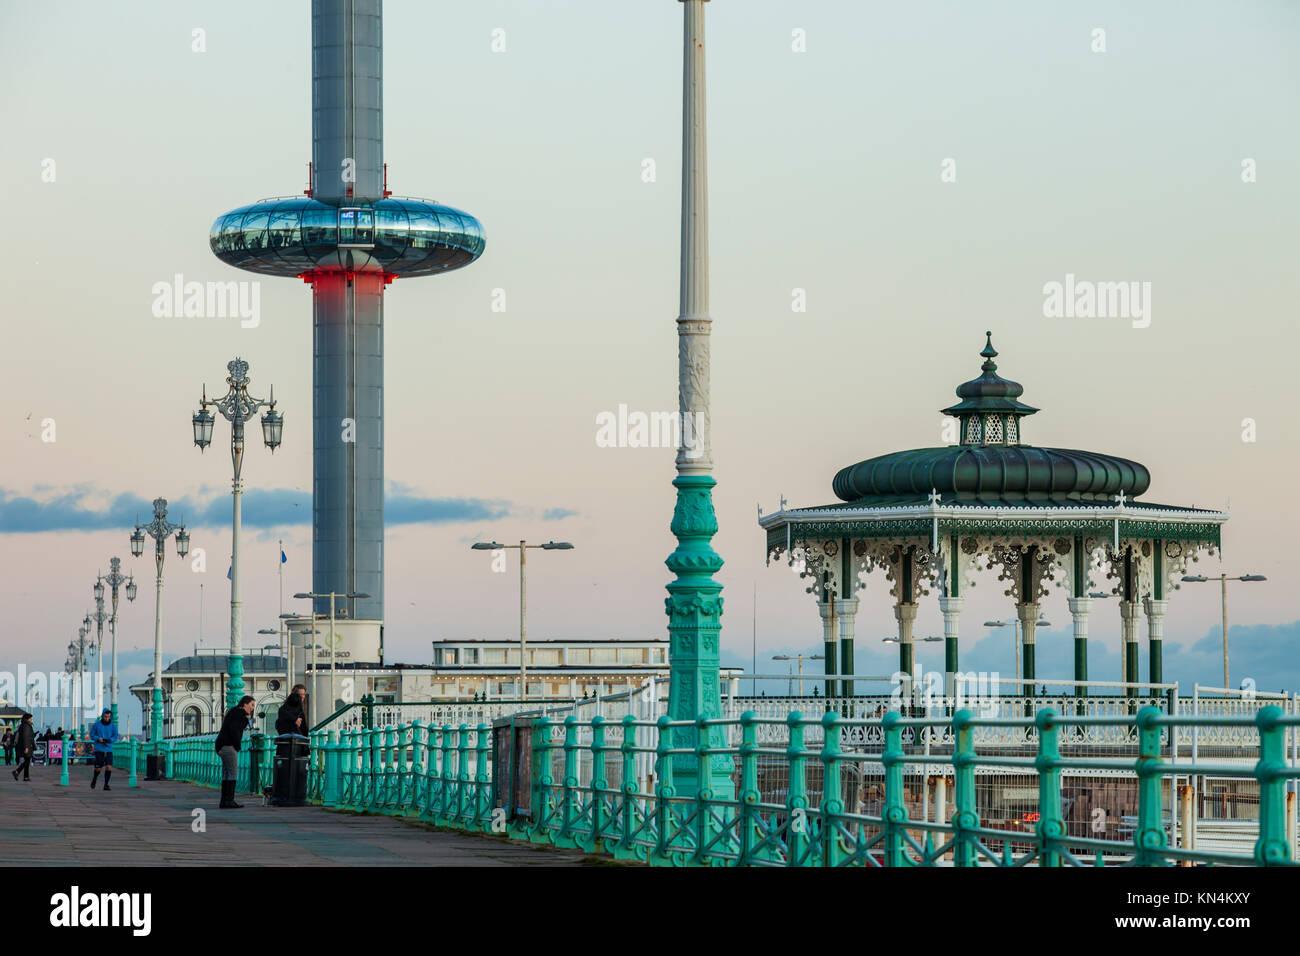 Sera d'inverno sul lungomare di Brighton, Regno Unito. Immagini Stock